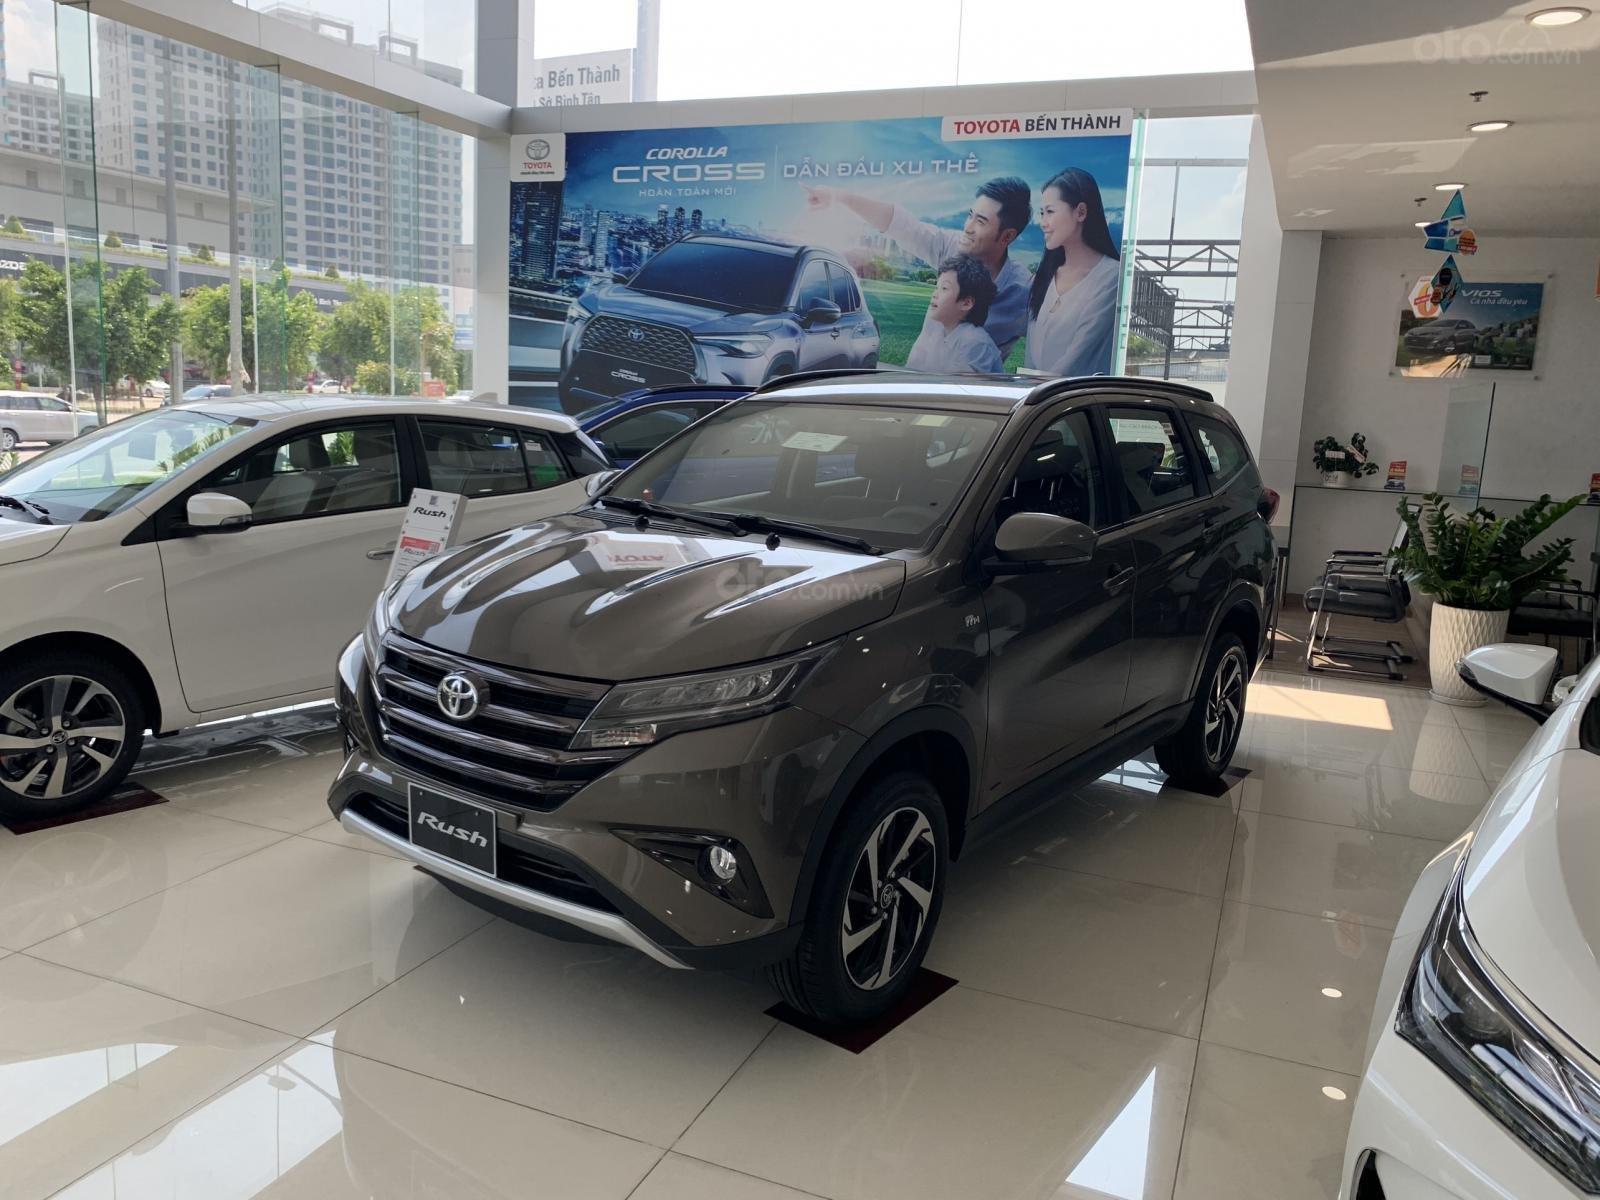 Toyota Rush 2020 - Tặng 2 năm bảo hiểm thân vỏ xe - Hỗ trợ vay trả góp từ 85% giá trị xe (1)